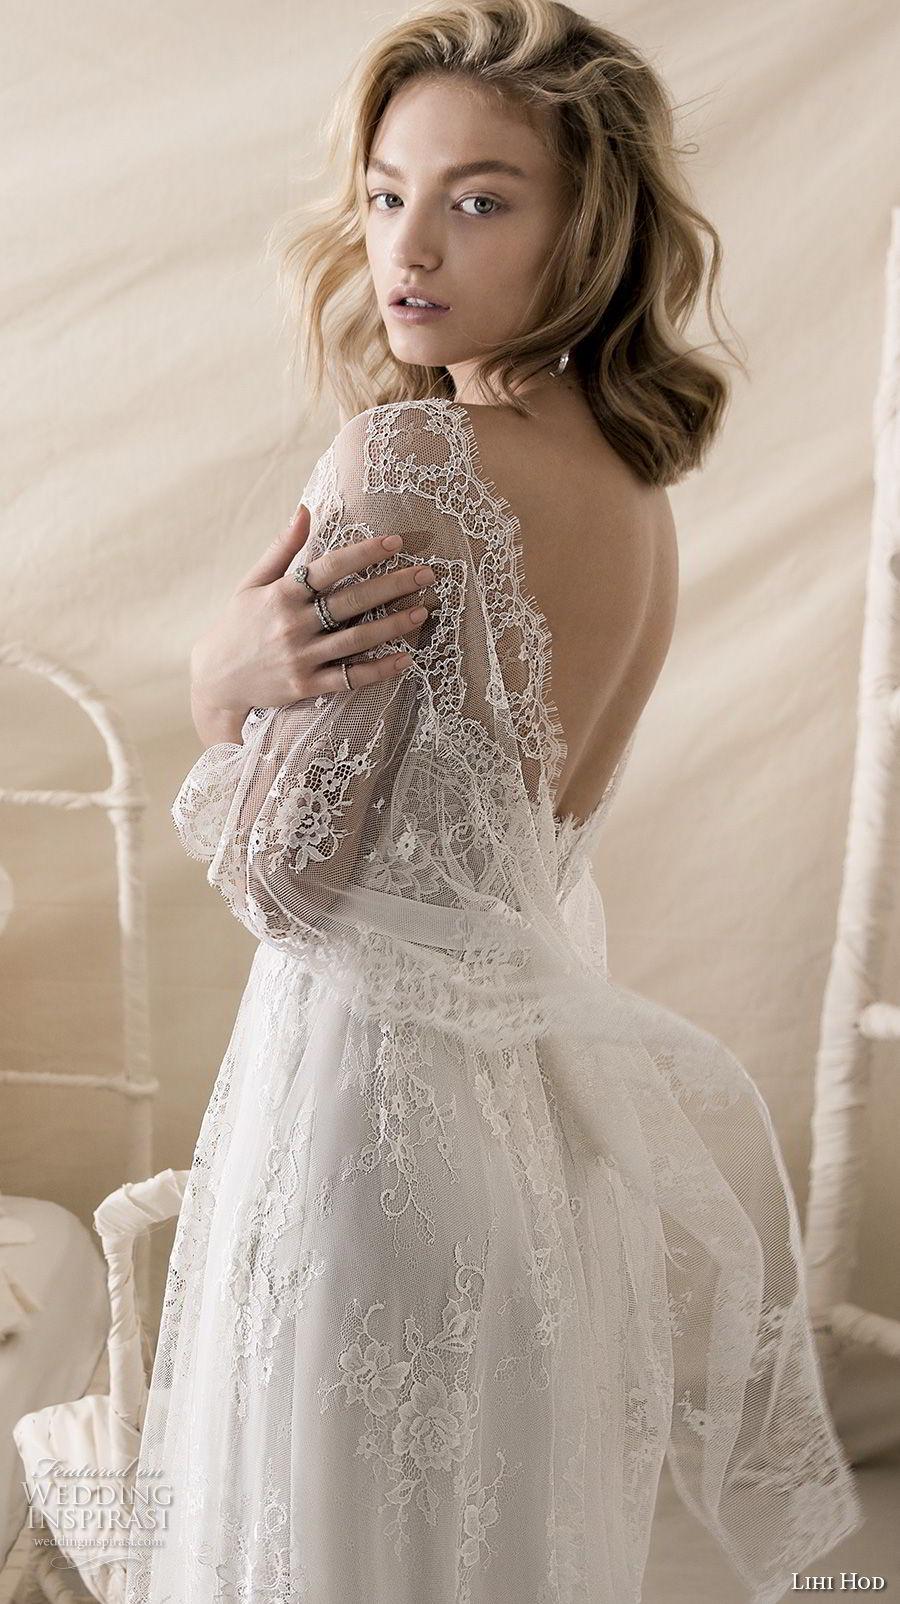 lihi hod 2018 bridal half bell sleeves square neckline full embellishment romantic bohemian soft a  line wedding dress open v back medium train (7) zbv